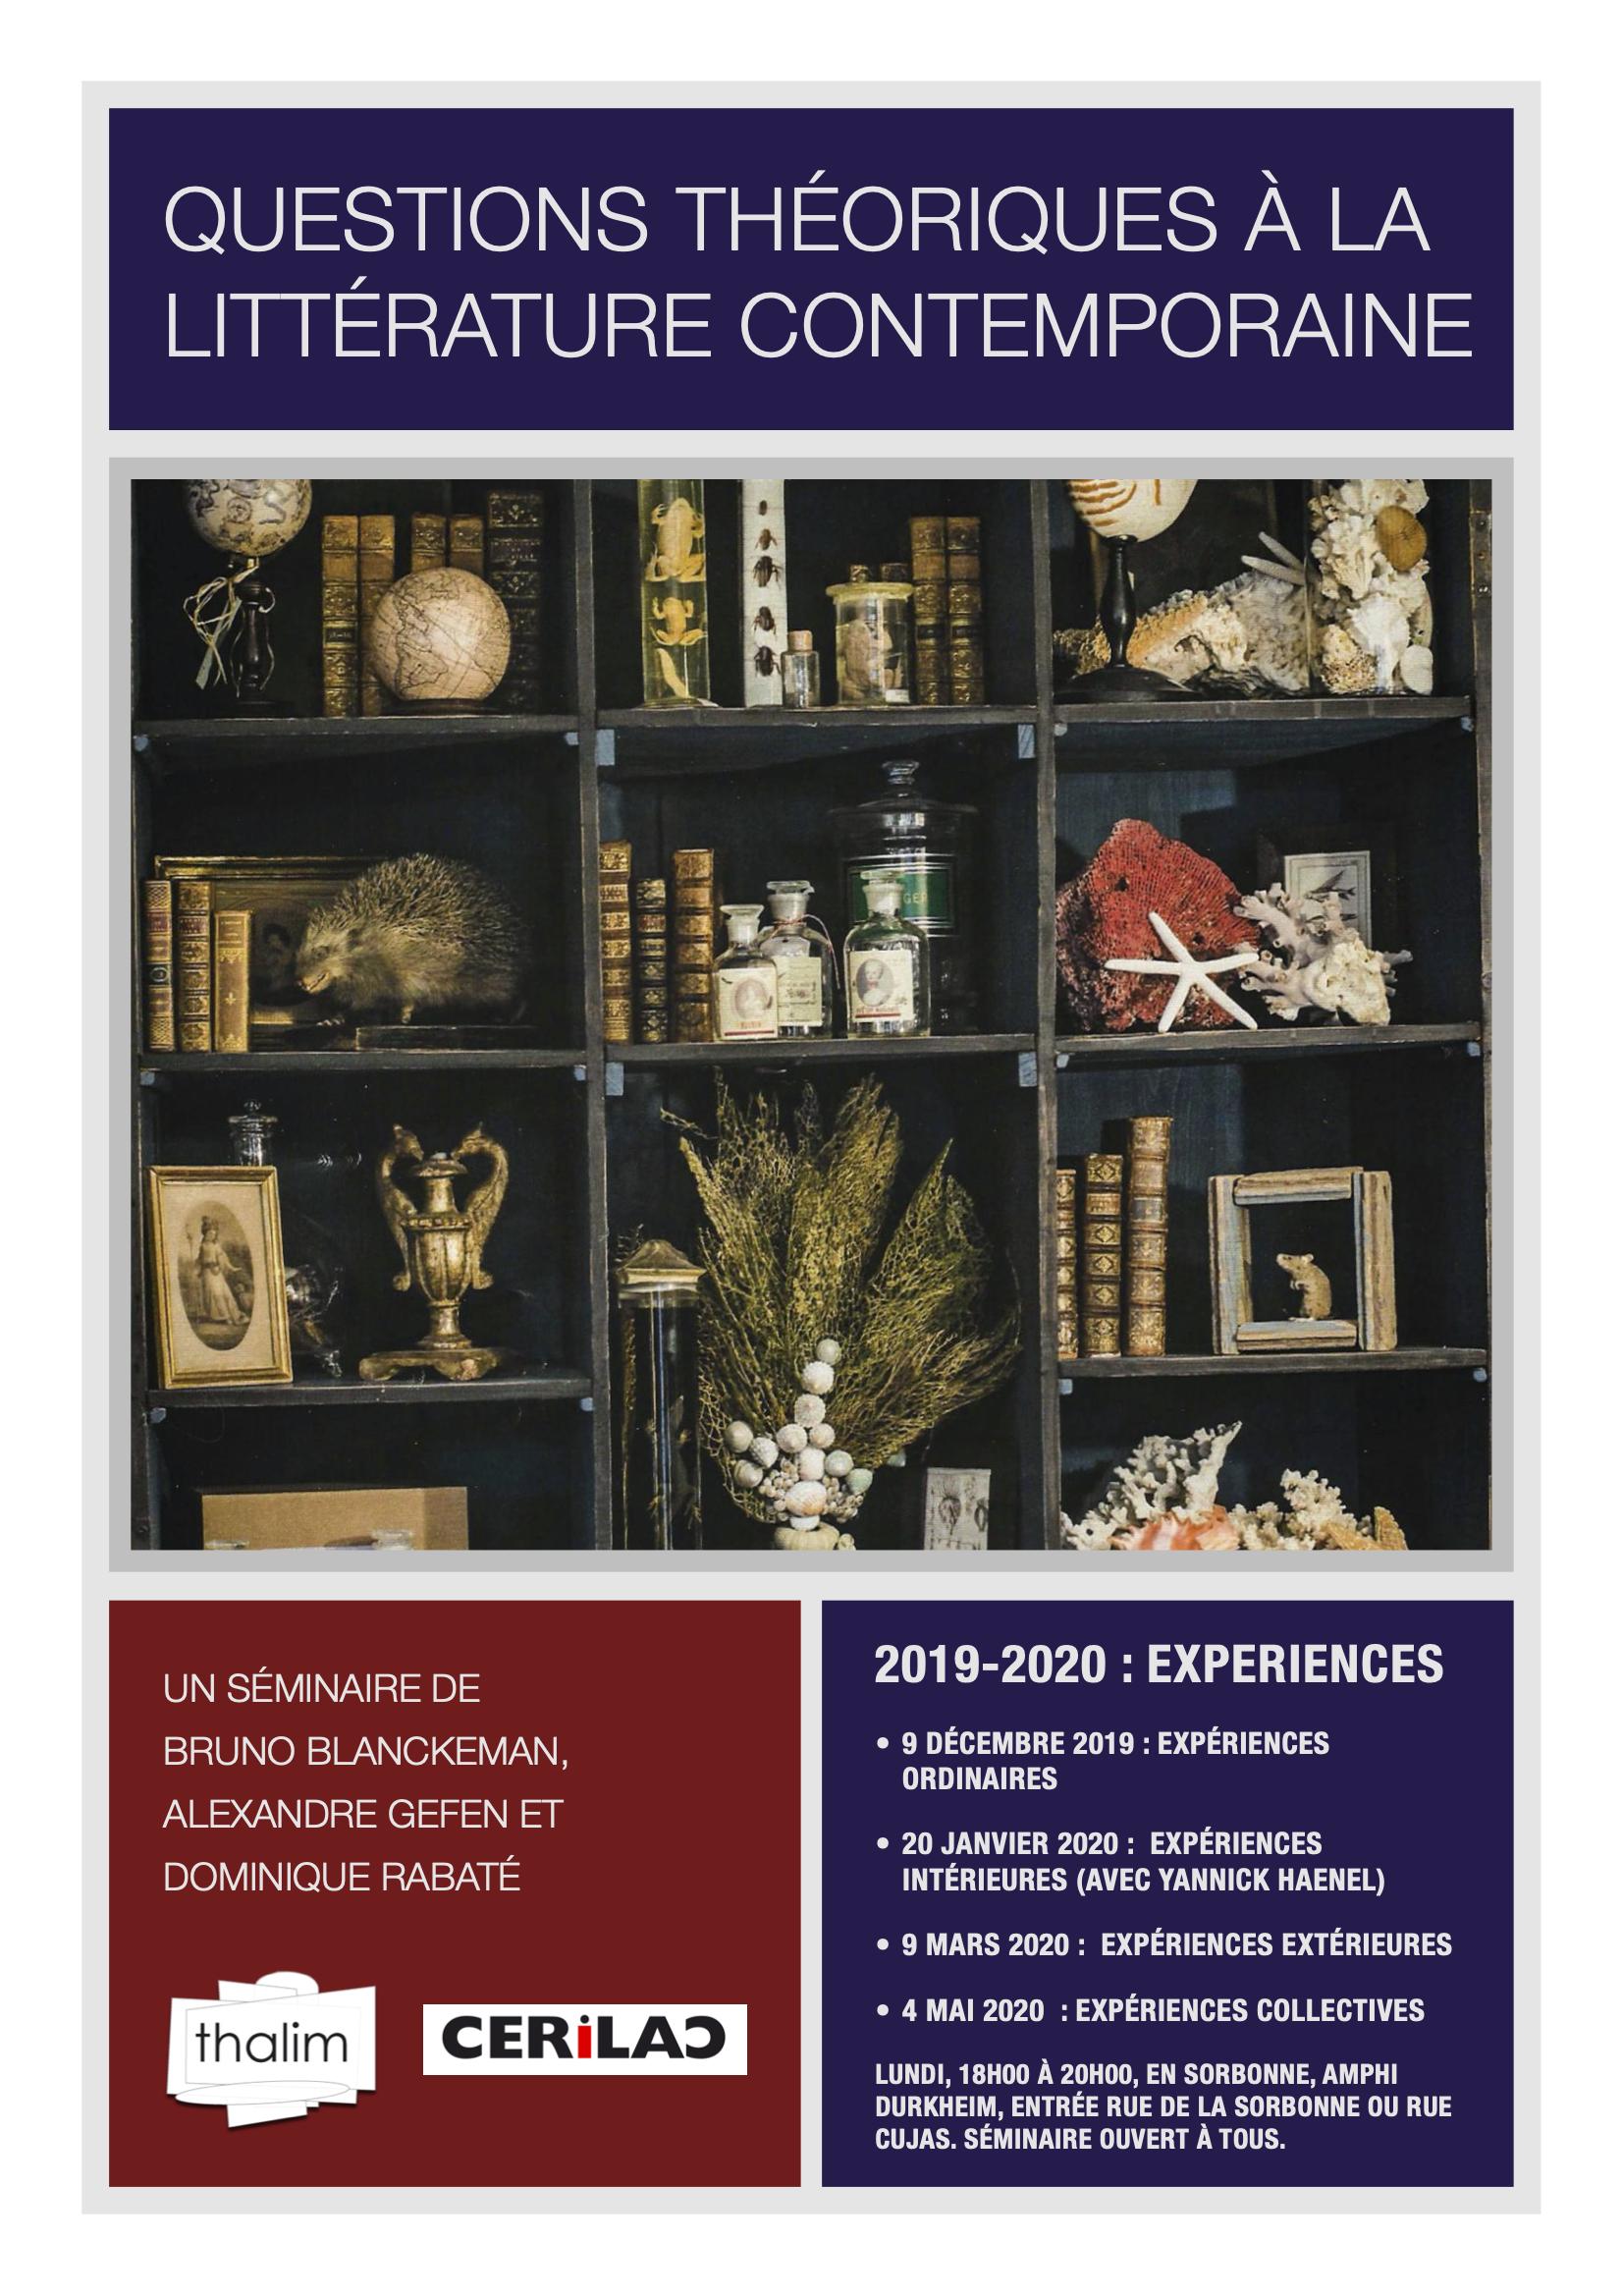 Expériences extérieures  (séminaire Questions théoriques à la littérature contemporaine, 2019-2020)